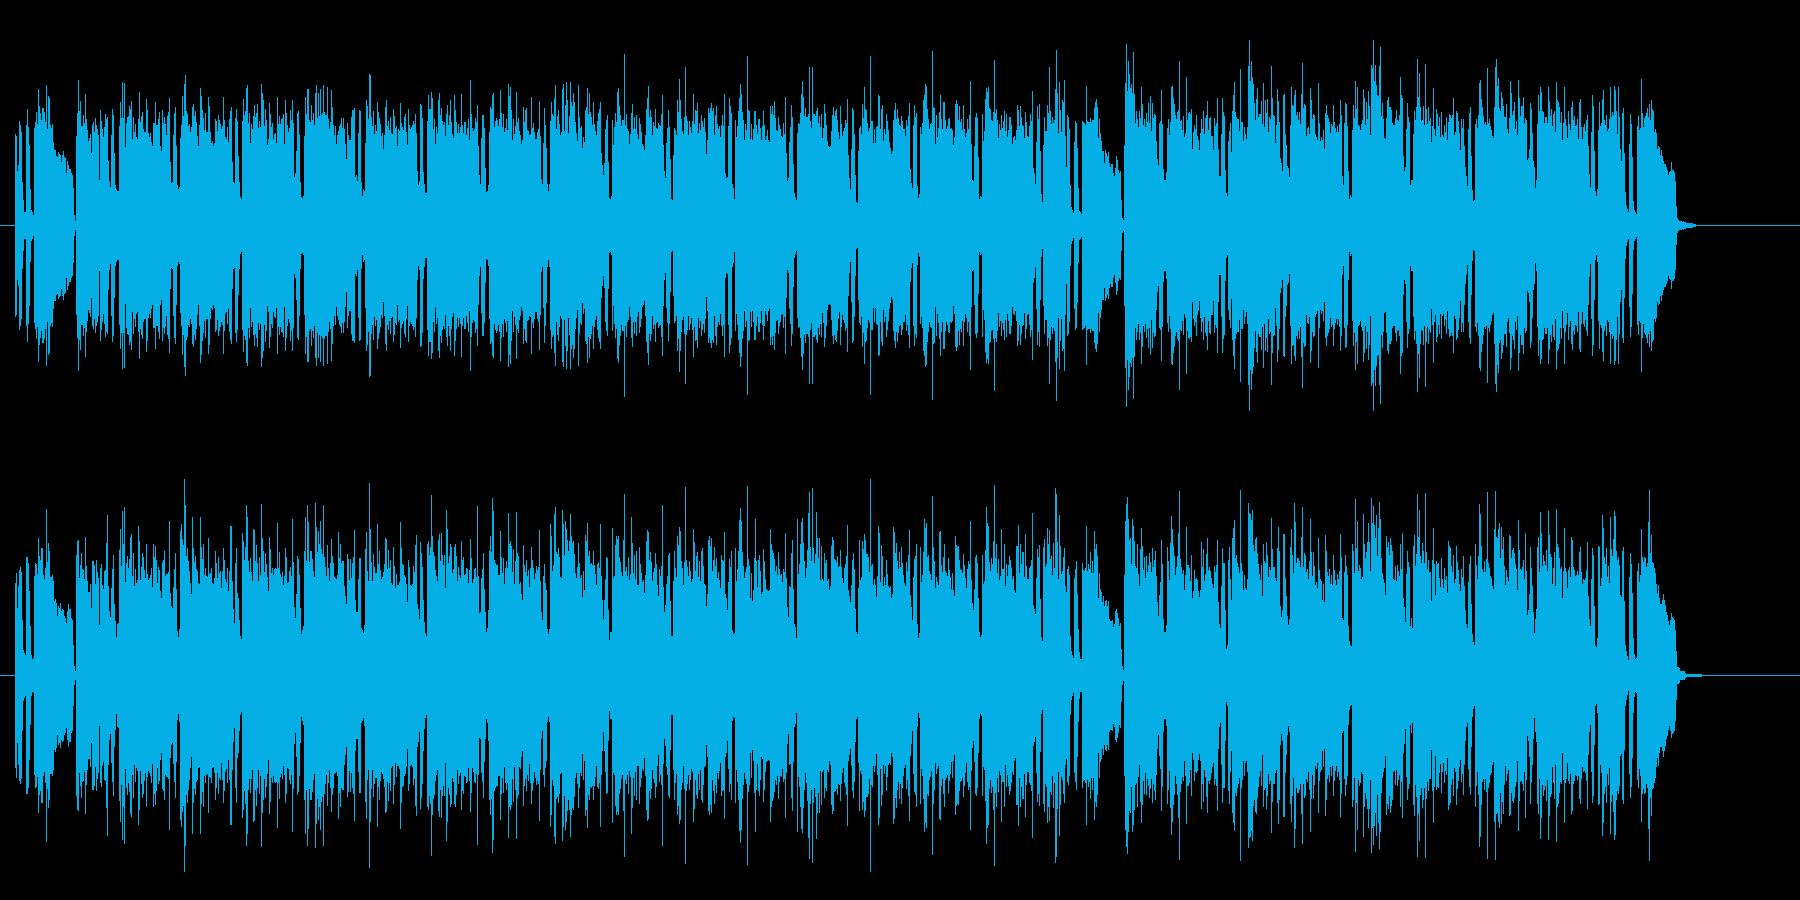 陰影の深いエレクトリックなポップスの再生済みの波形